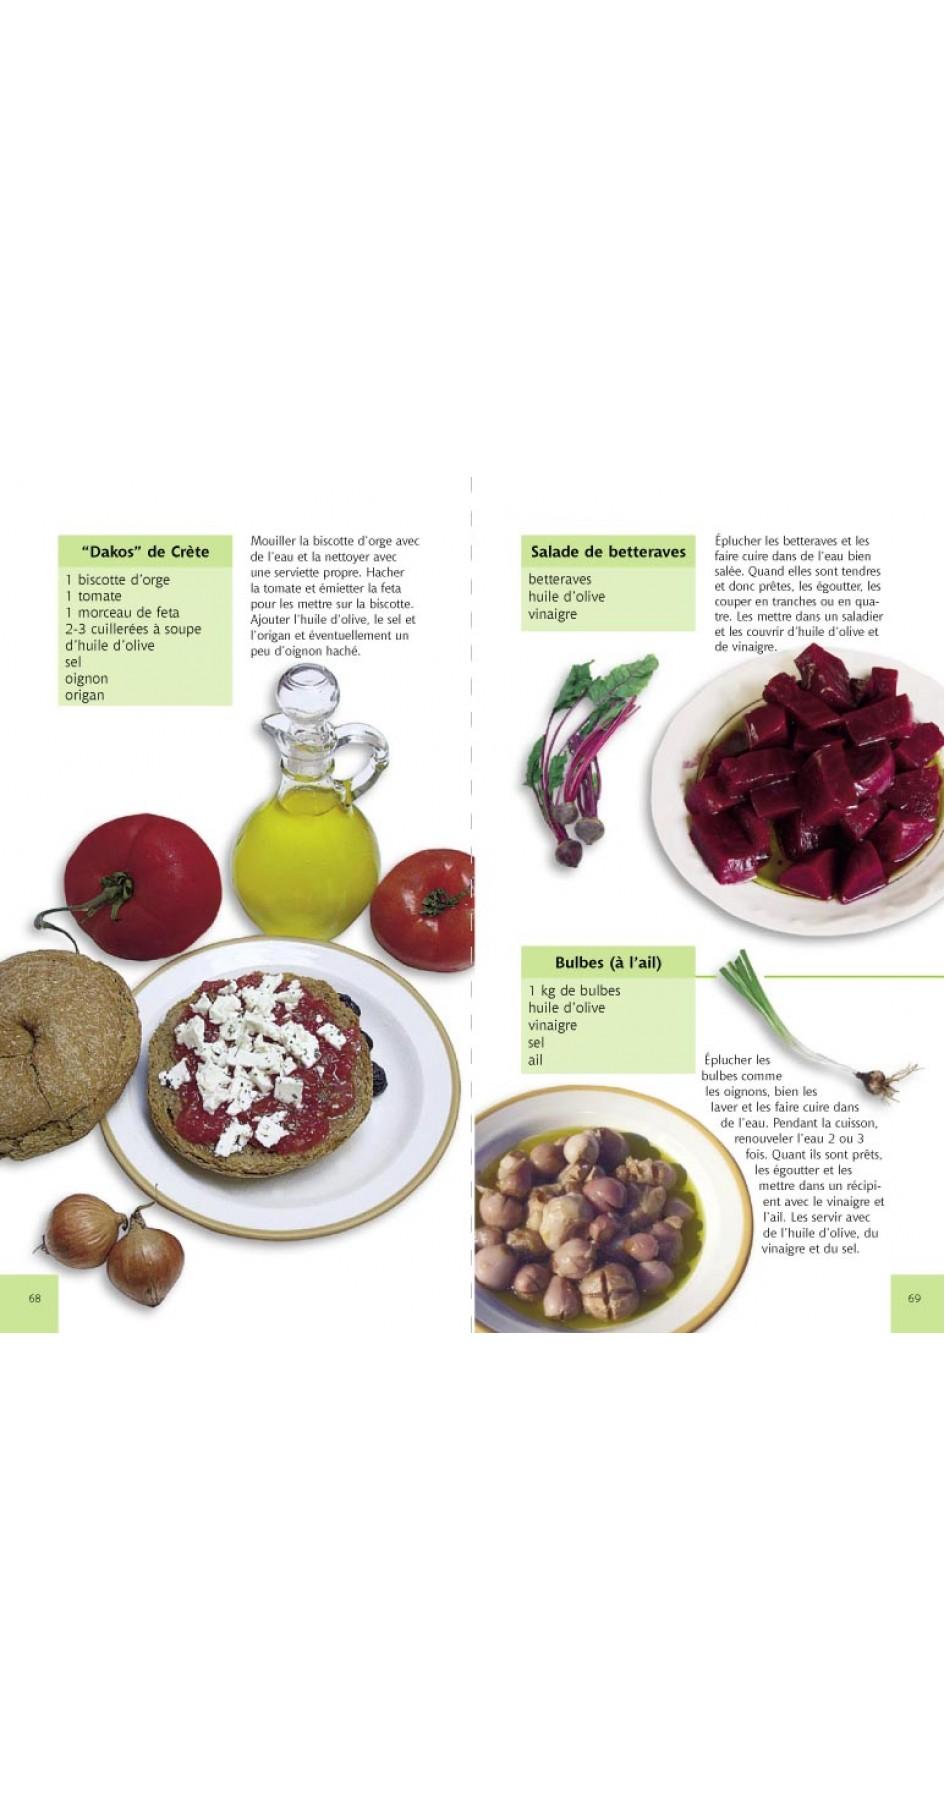 Huile d'olive - moyen de longevite